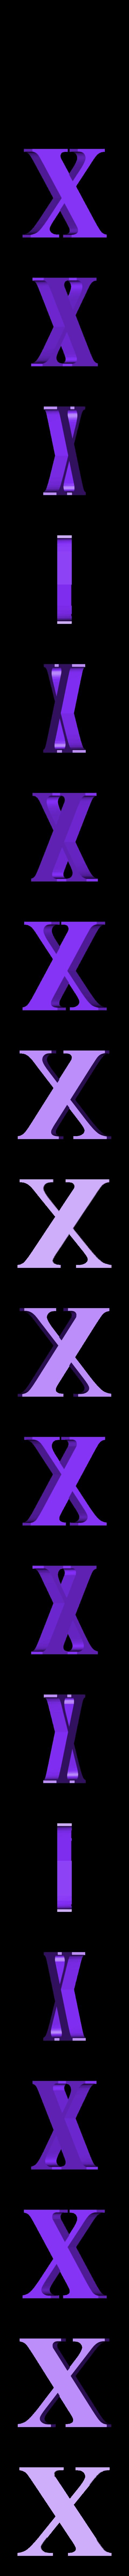 X.STL Télécharger fichier STL gratuit alphabet • Modèle pour imprimante 3D, Cerega